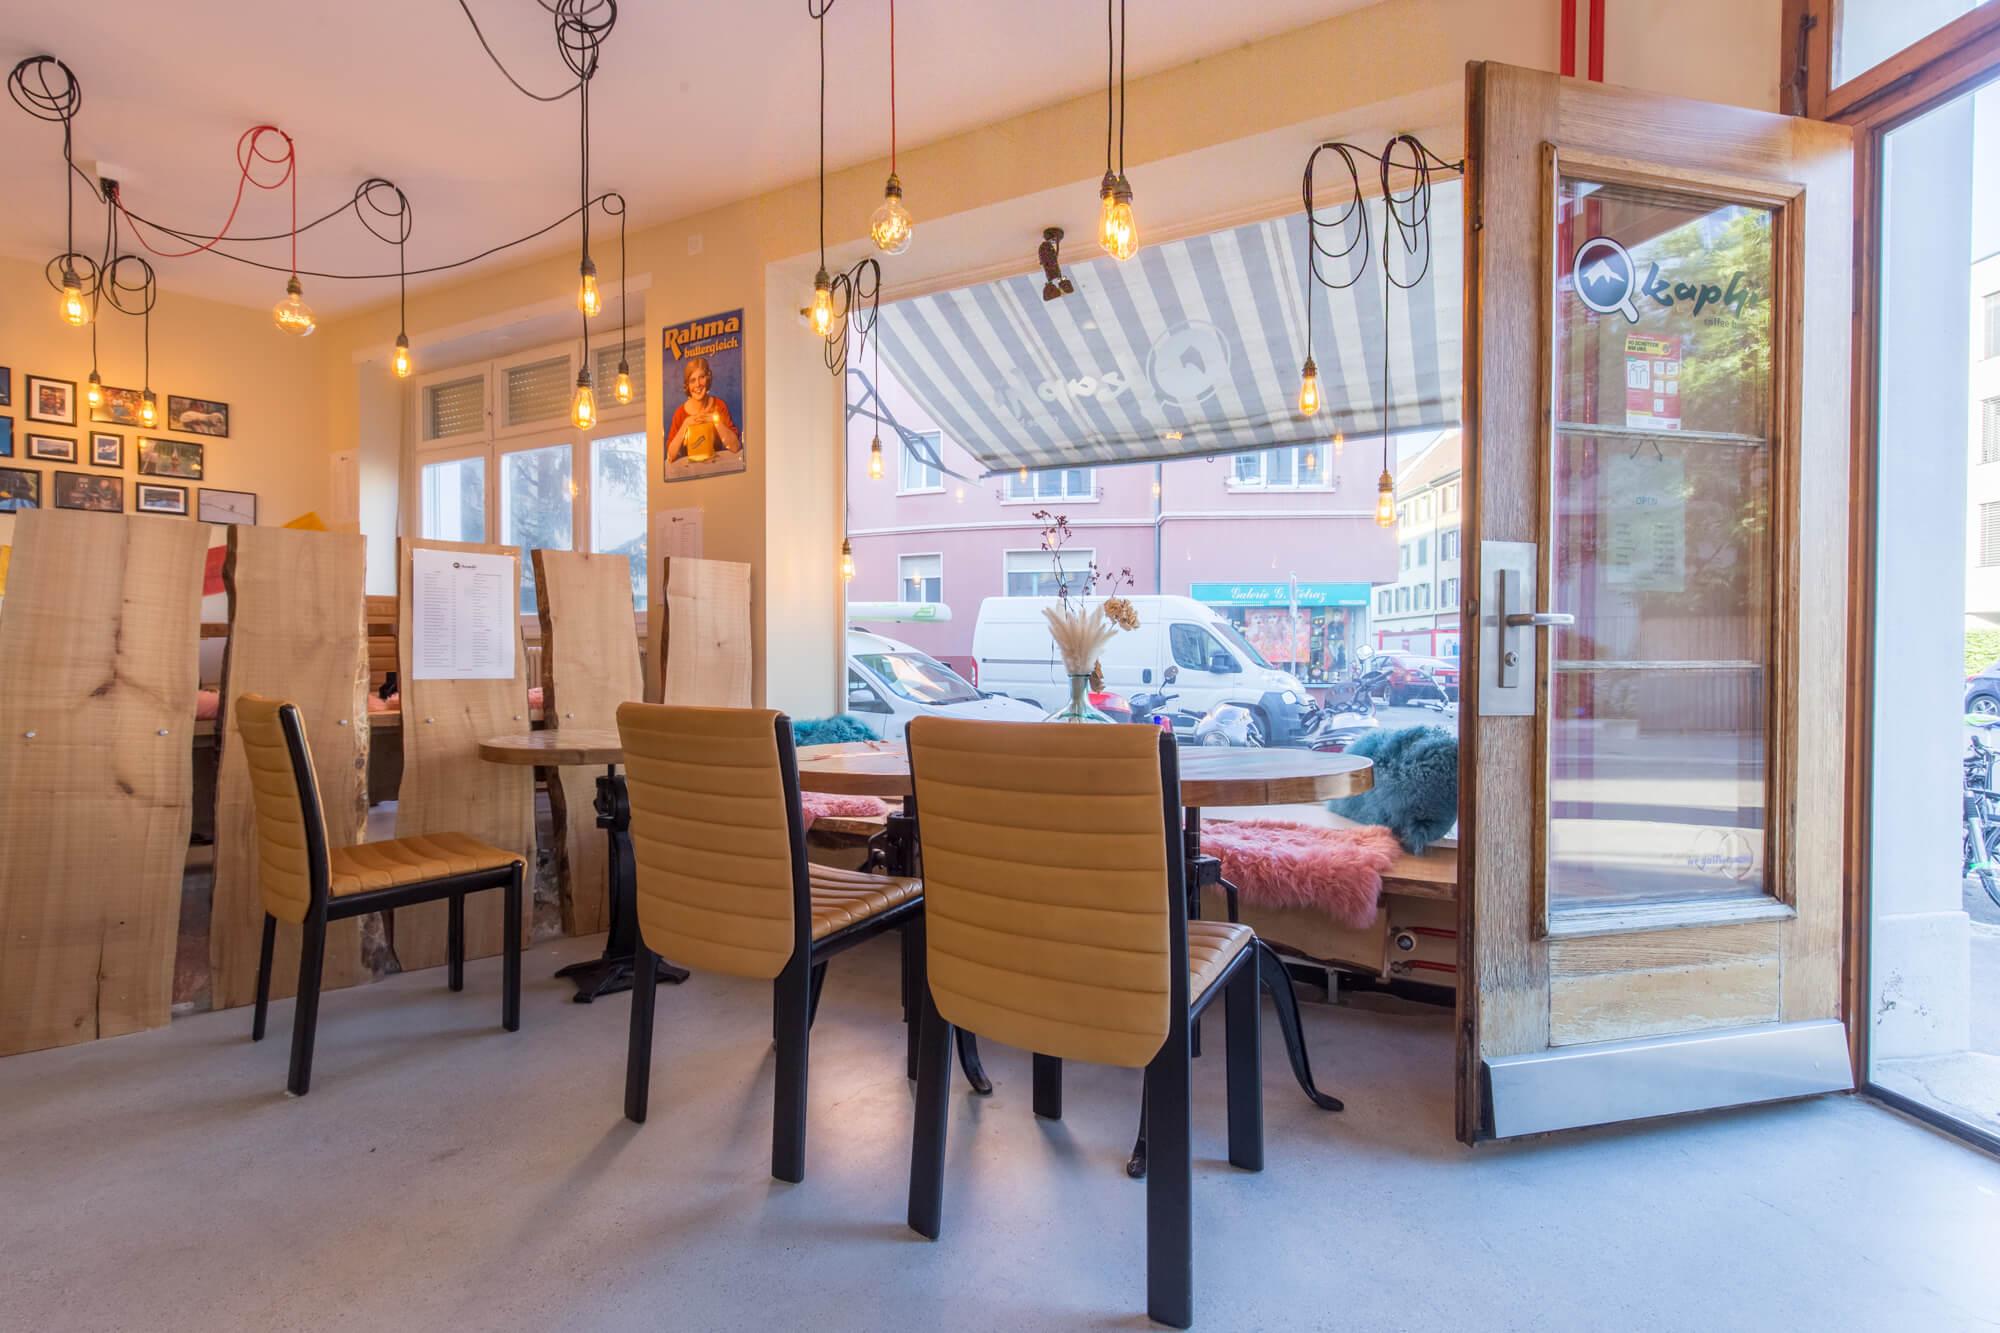 Kaffeebar mit Stühlen und Tischen mit Blick auf Strasse